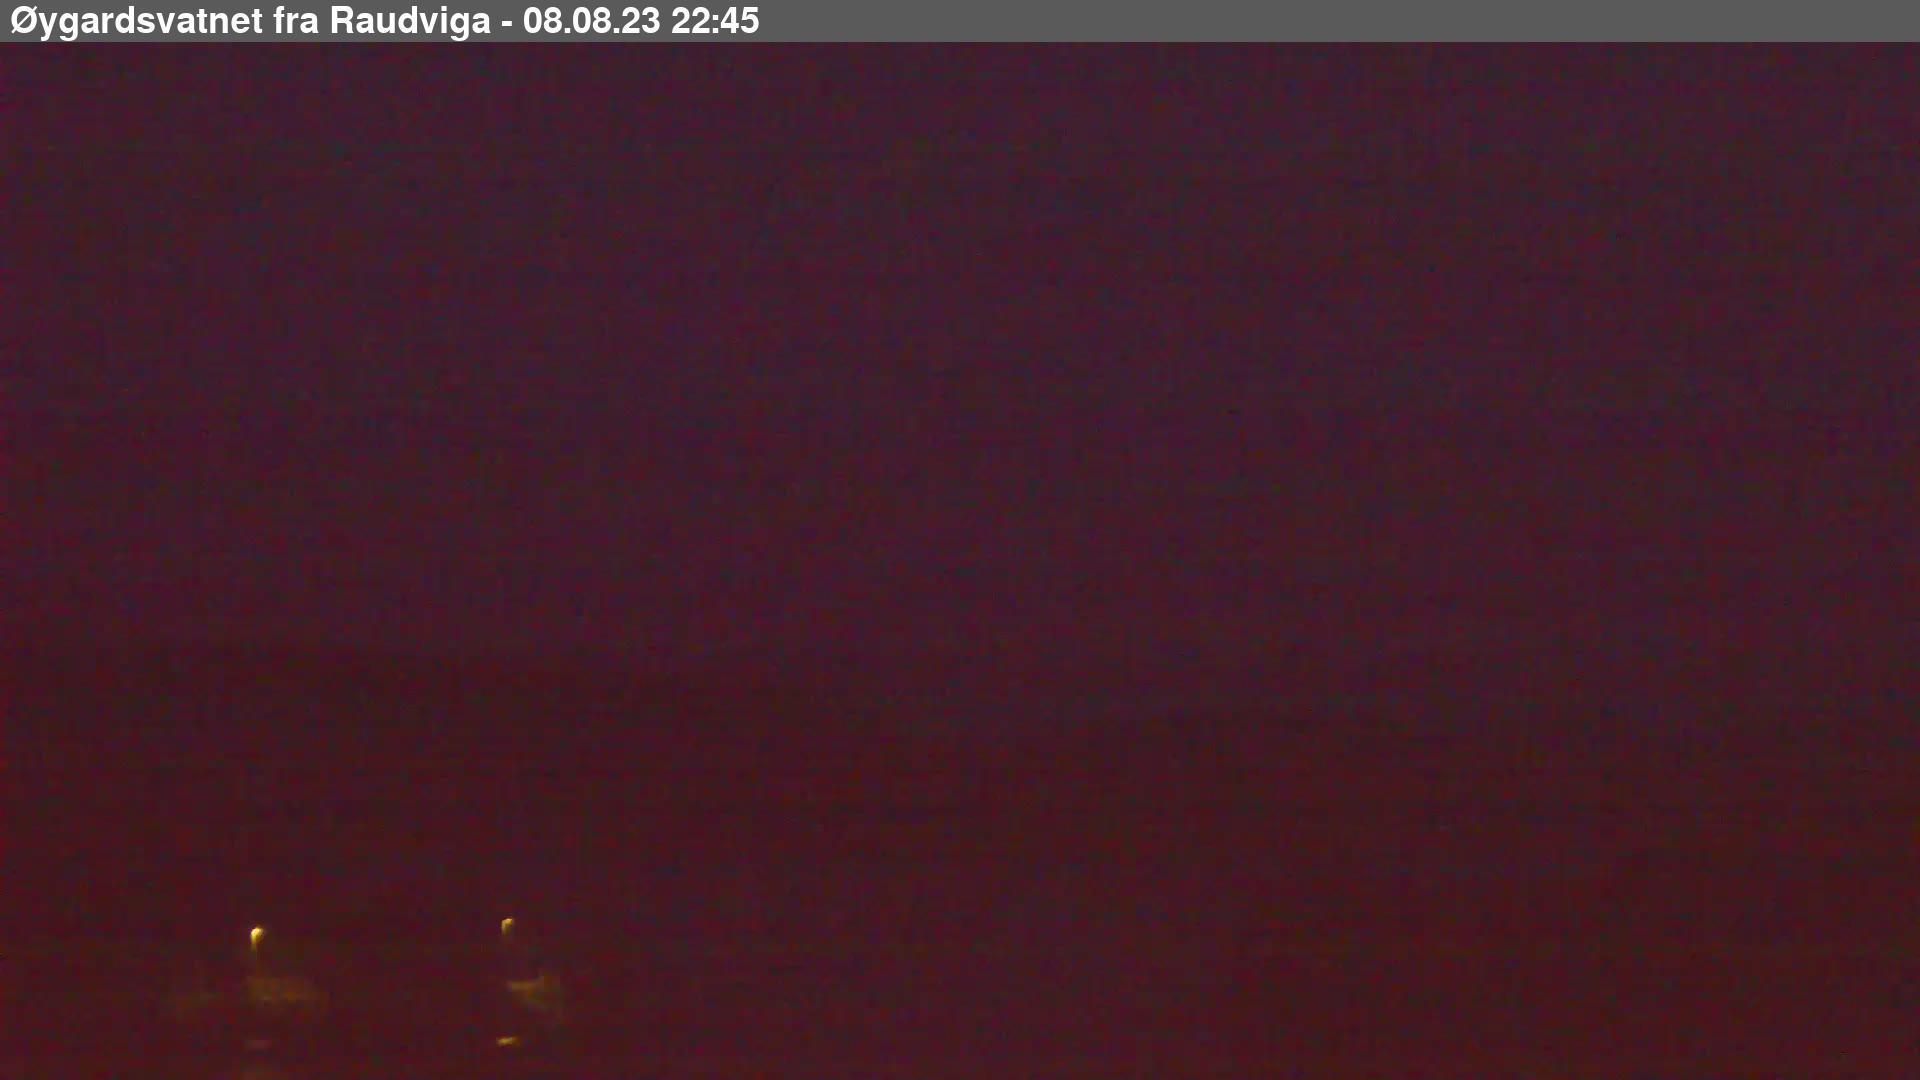 Webkamera Ålgård: Øygardsvatnet (Livecam)